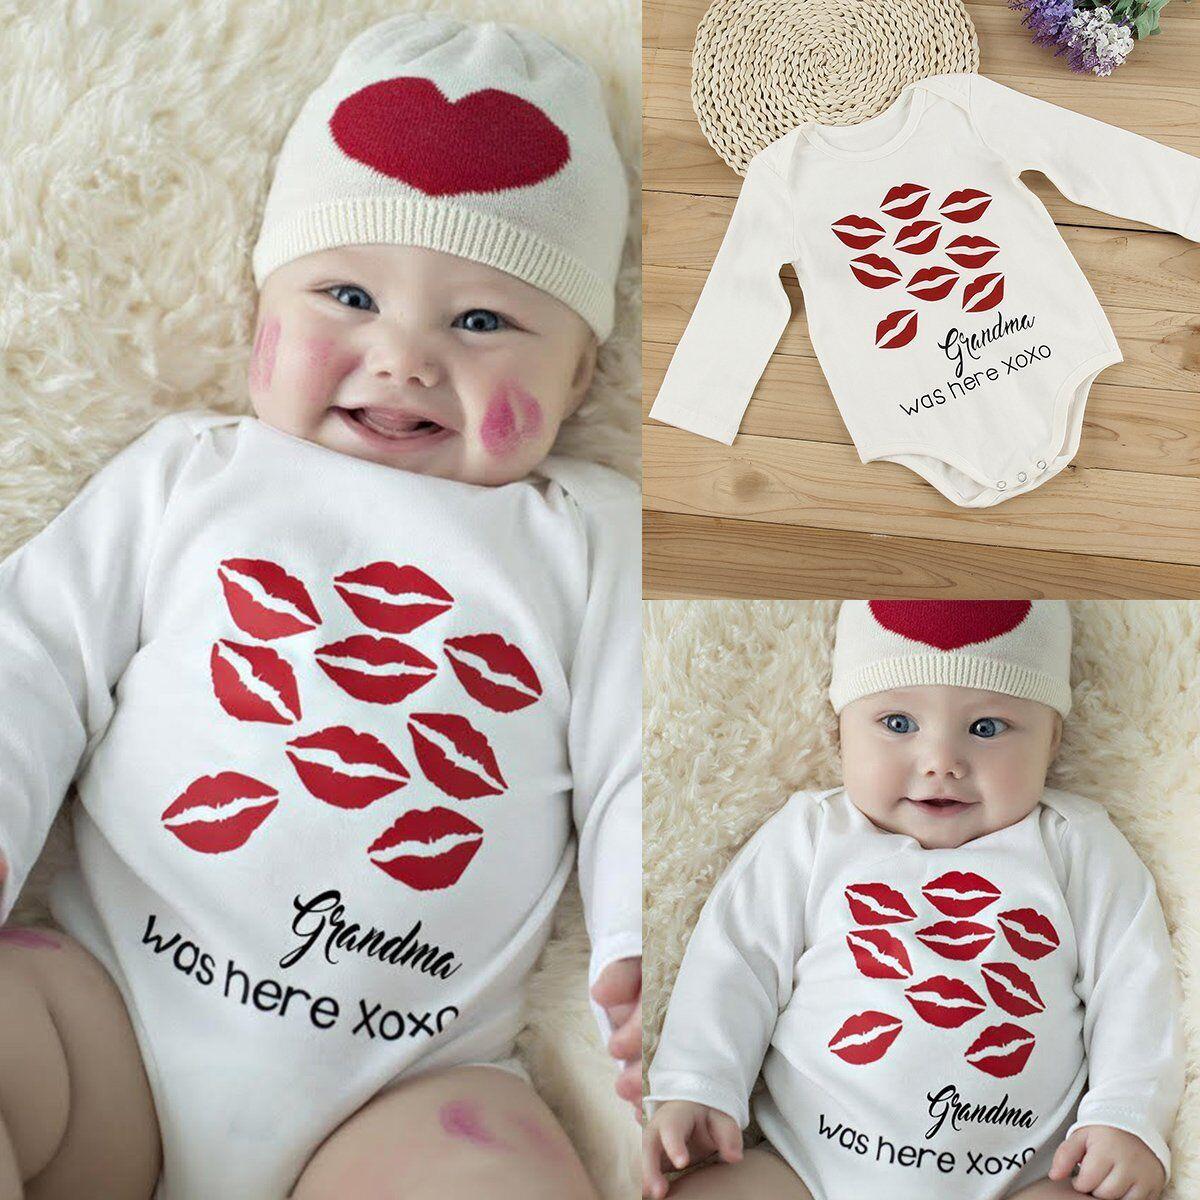 Newborn Infant Baby Boy Girl Cotton Romper Jumpsuit Bodysuit Kids Clothes Outfit